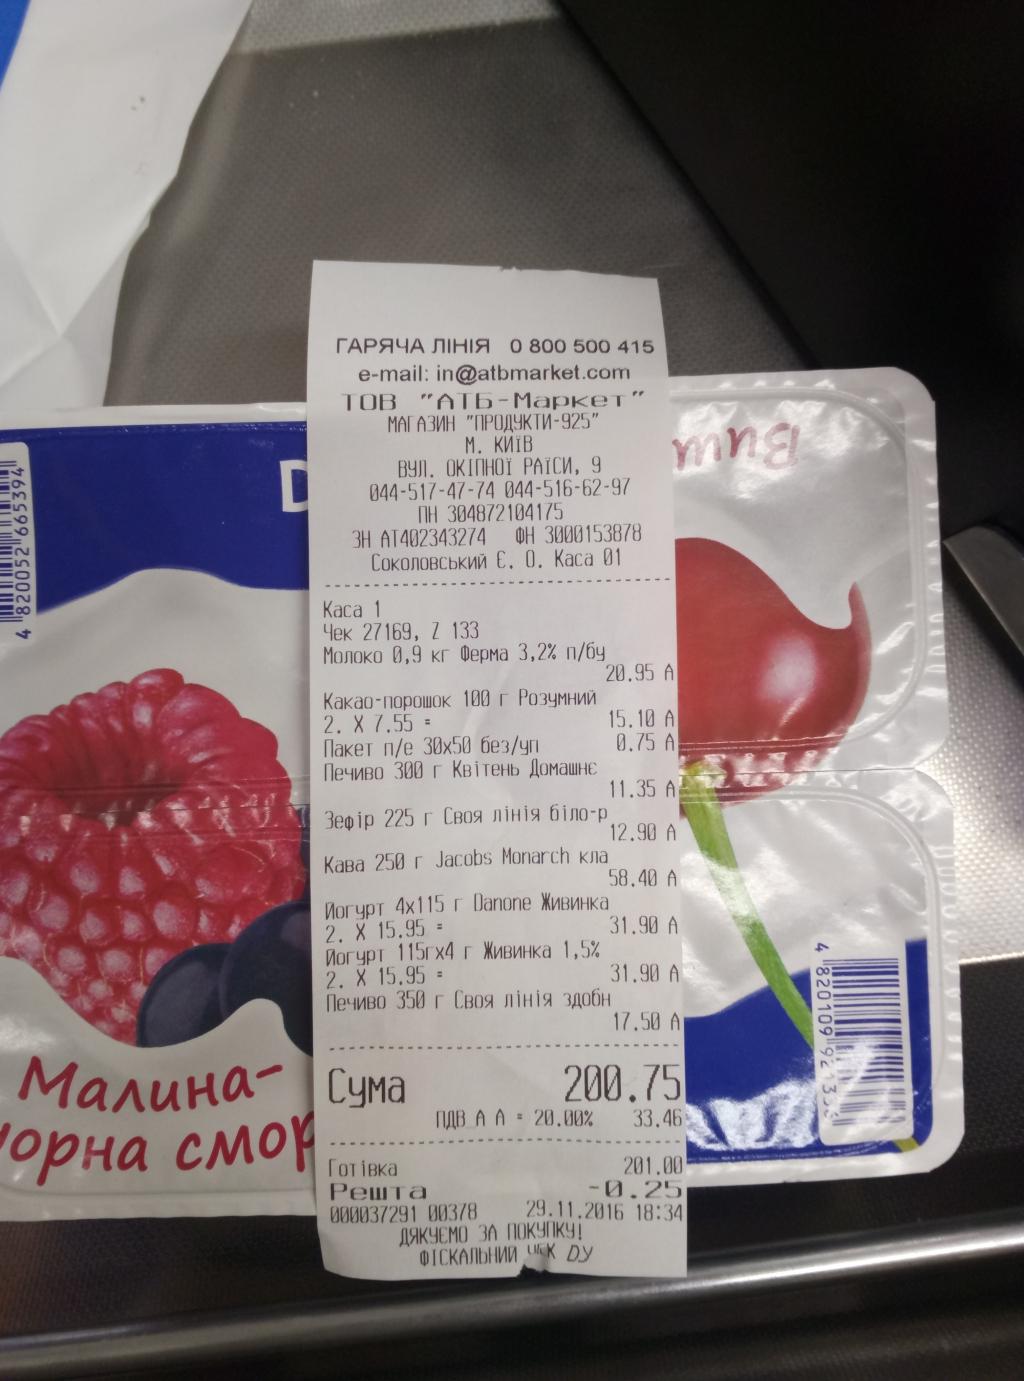 АТБ - йогурт по завышеной цене